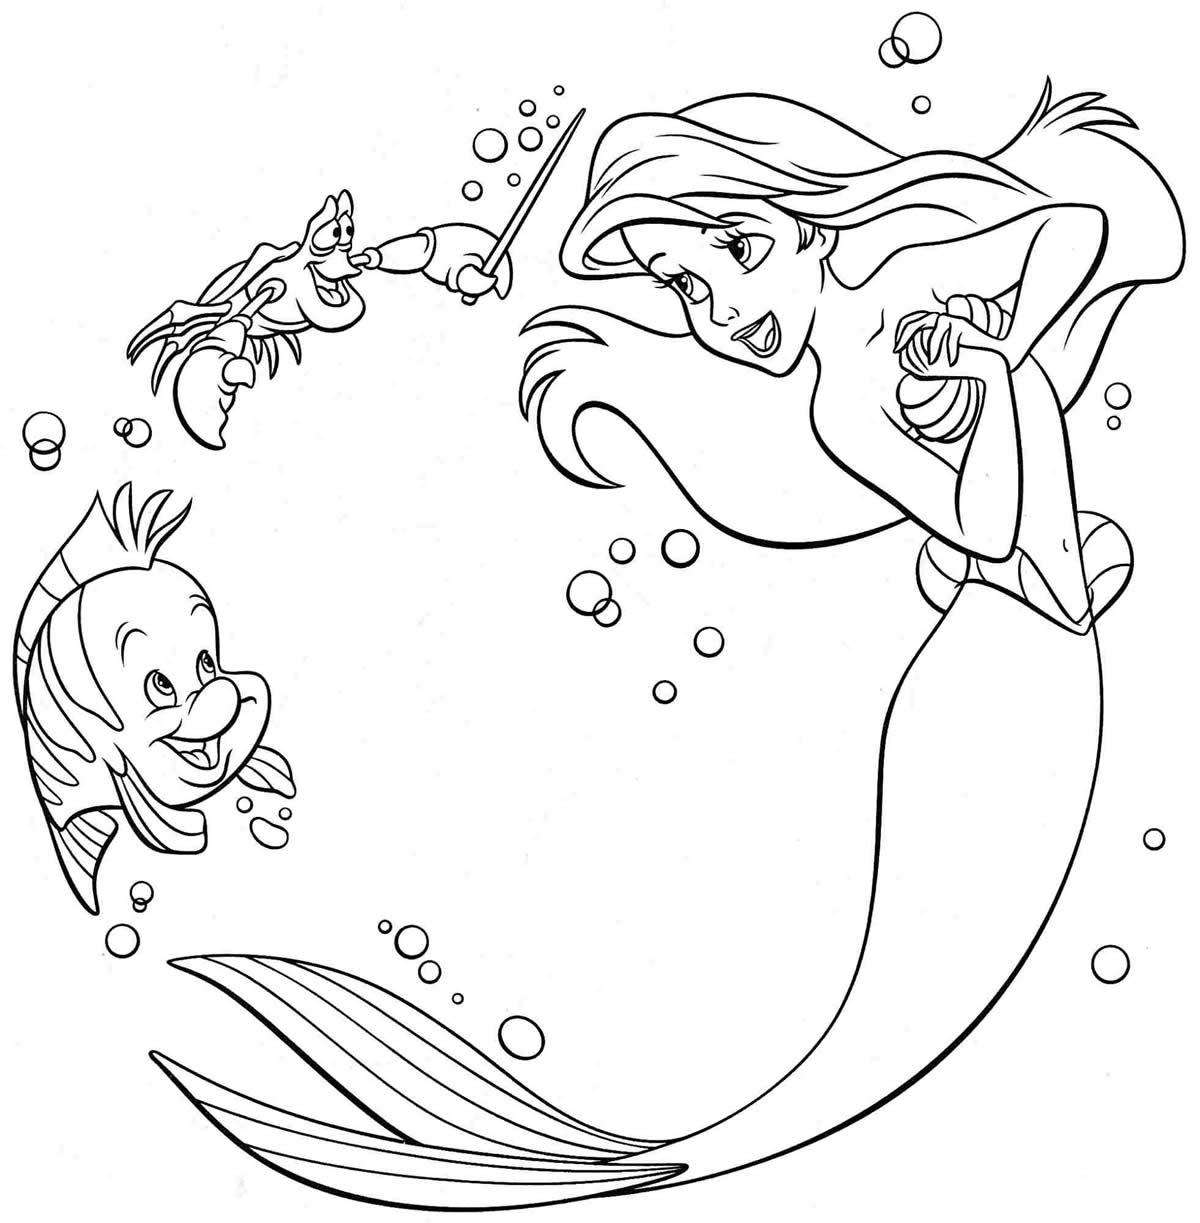 Desenho de colorir da Pequena Sereia